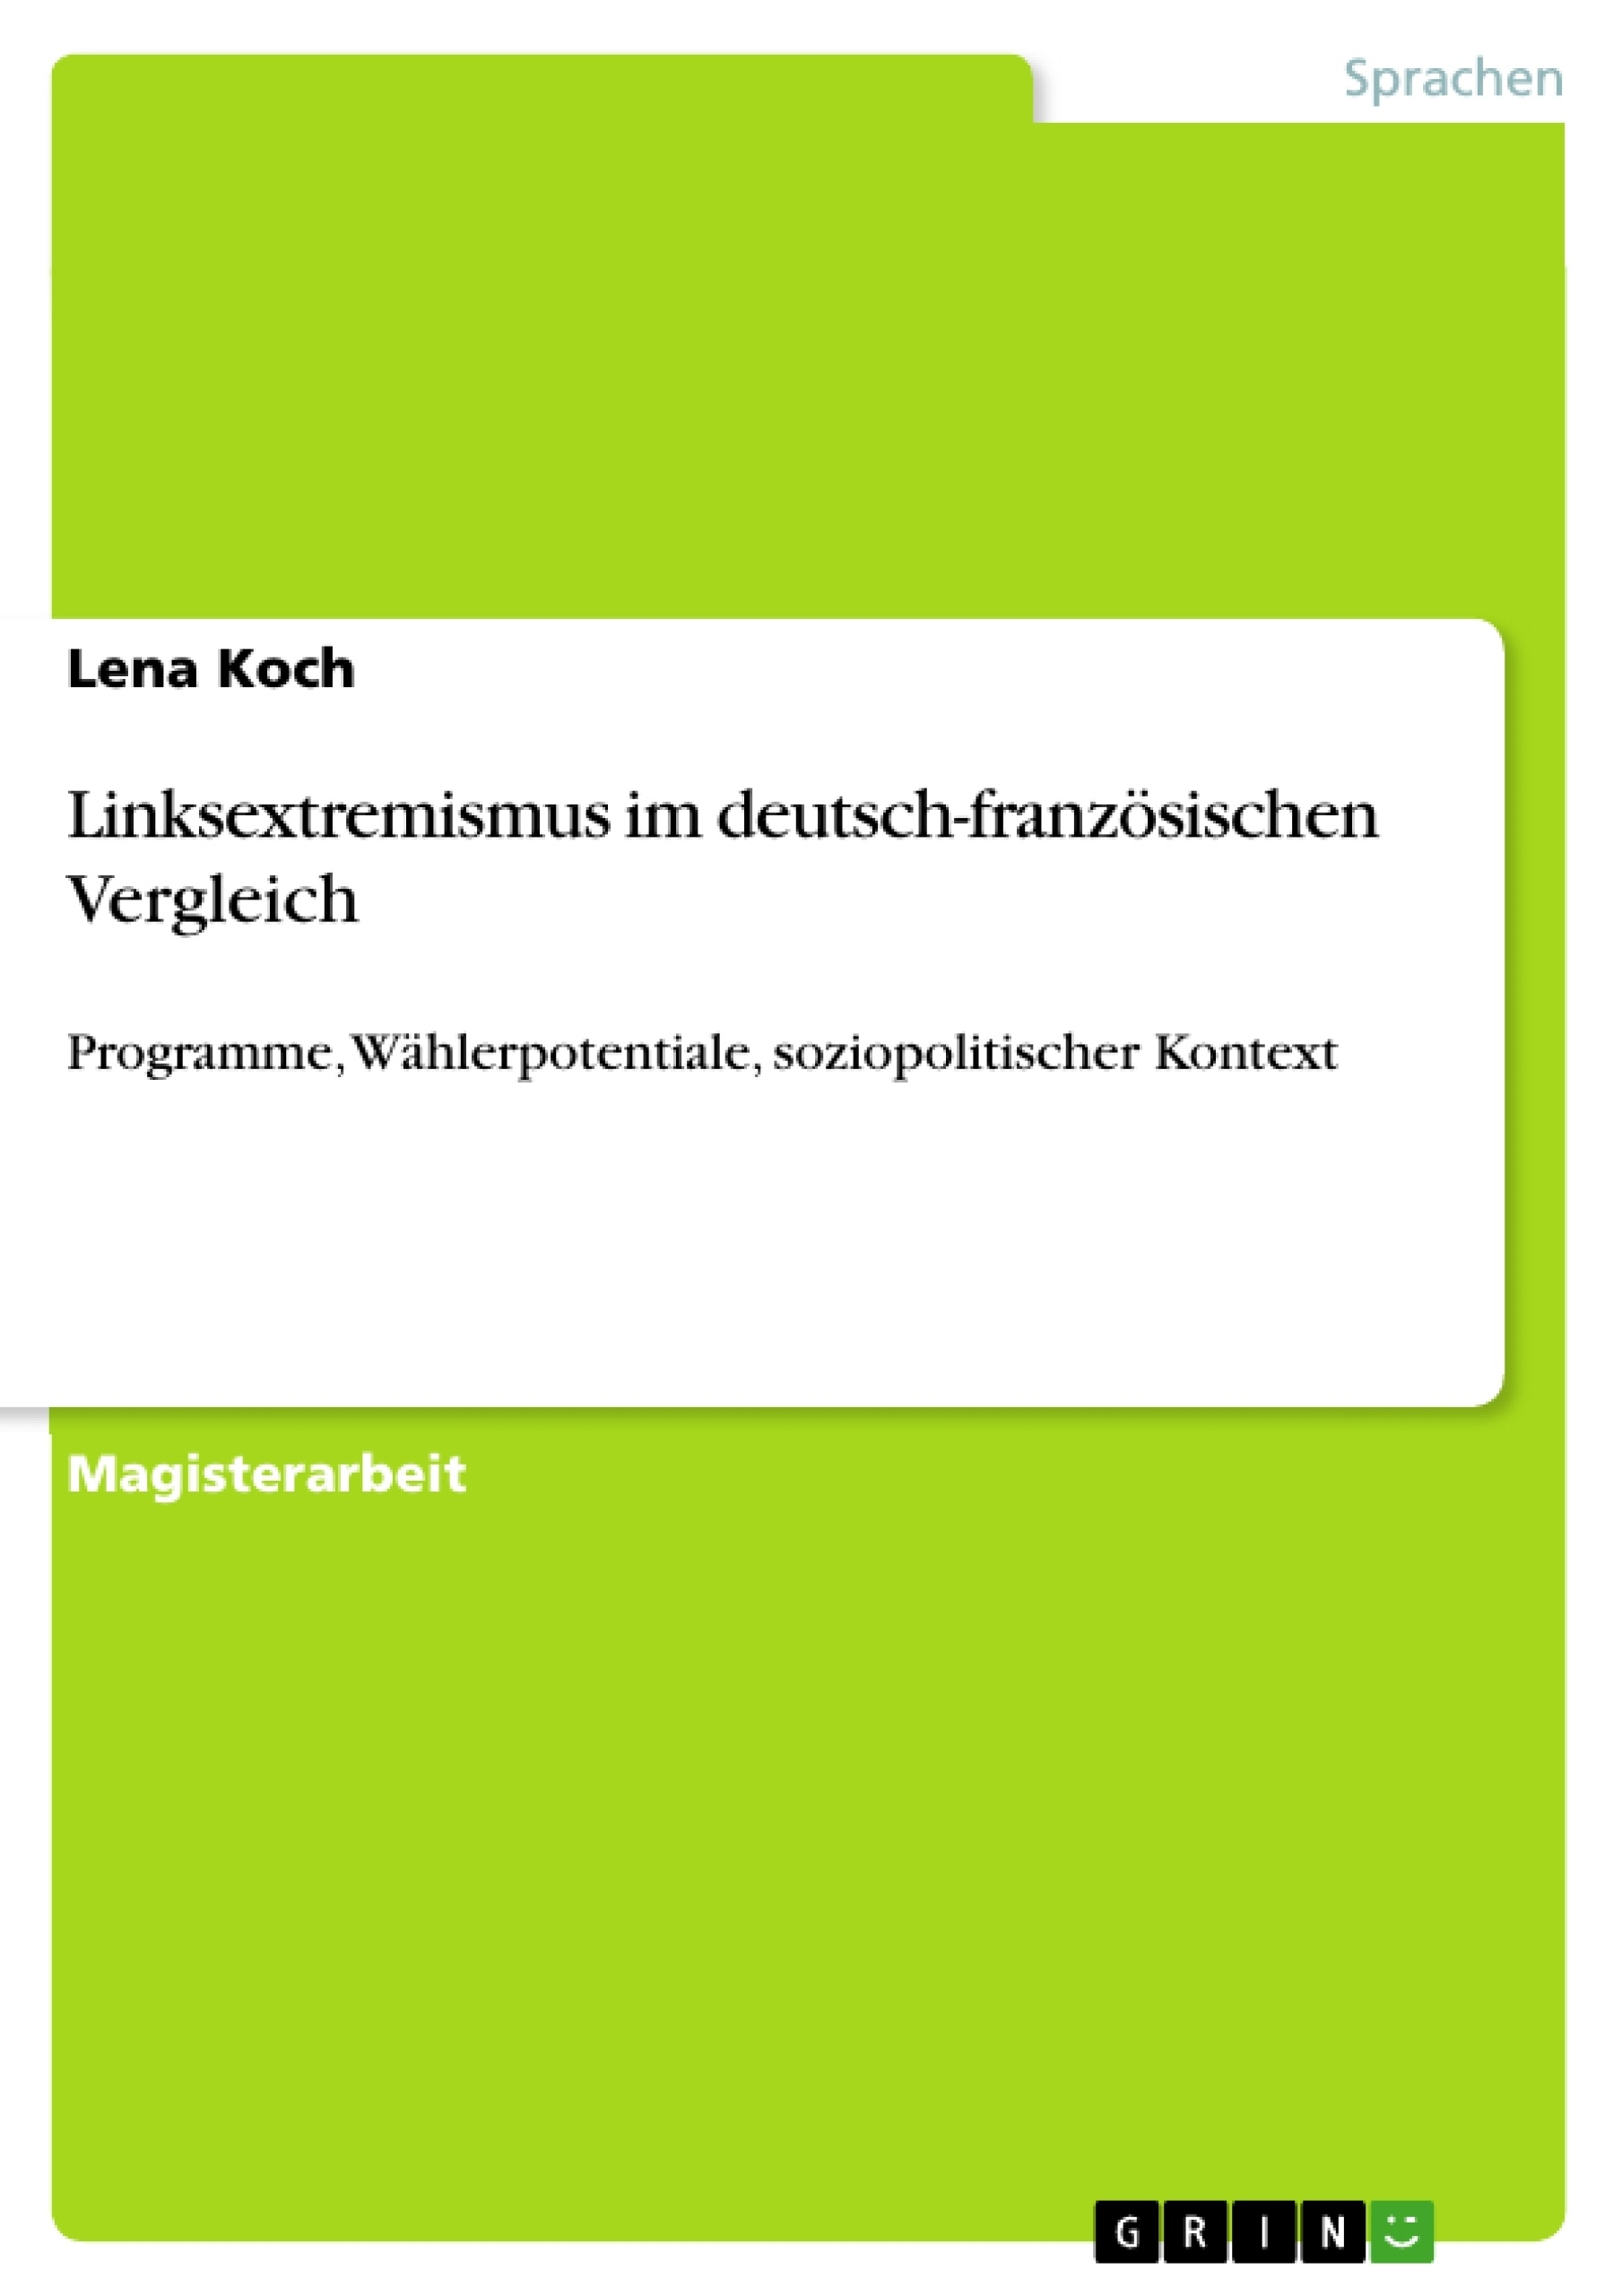 Titel: Linksextremismus im deutsch-französischen Vergleich